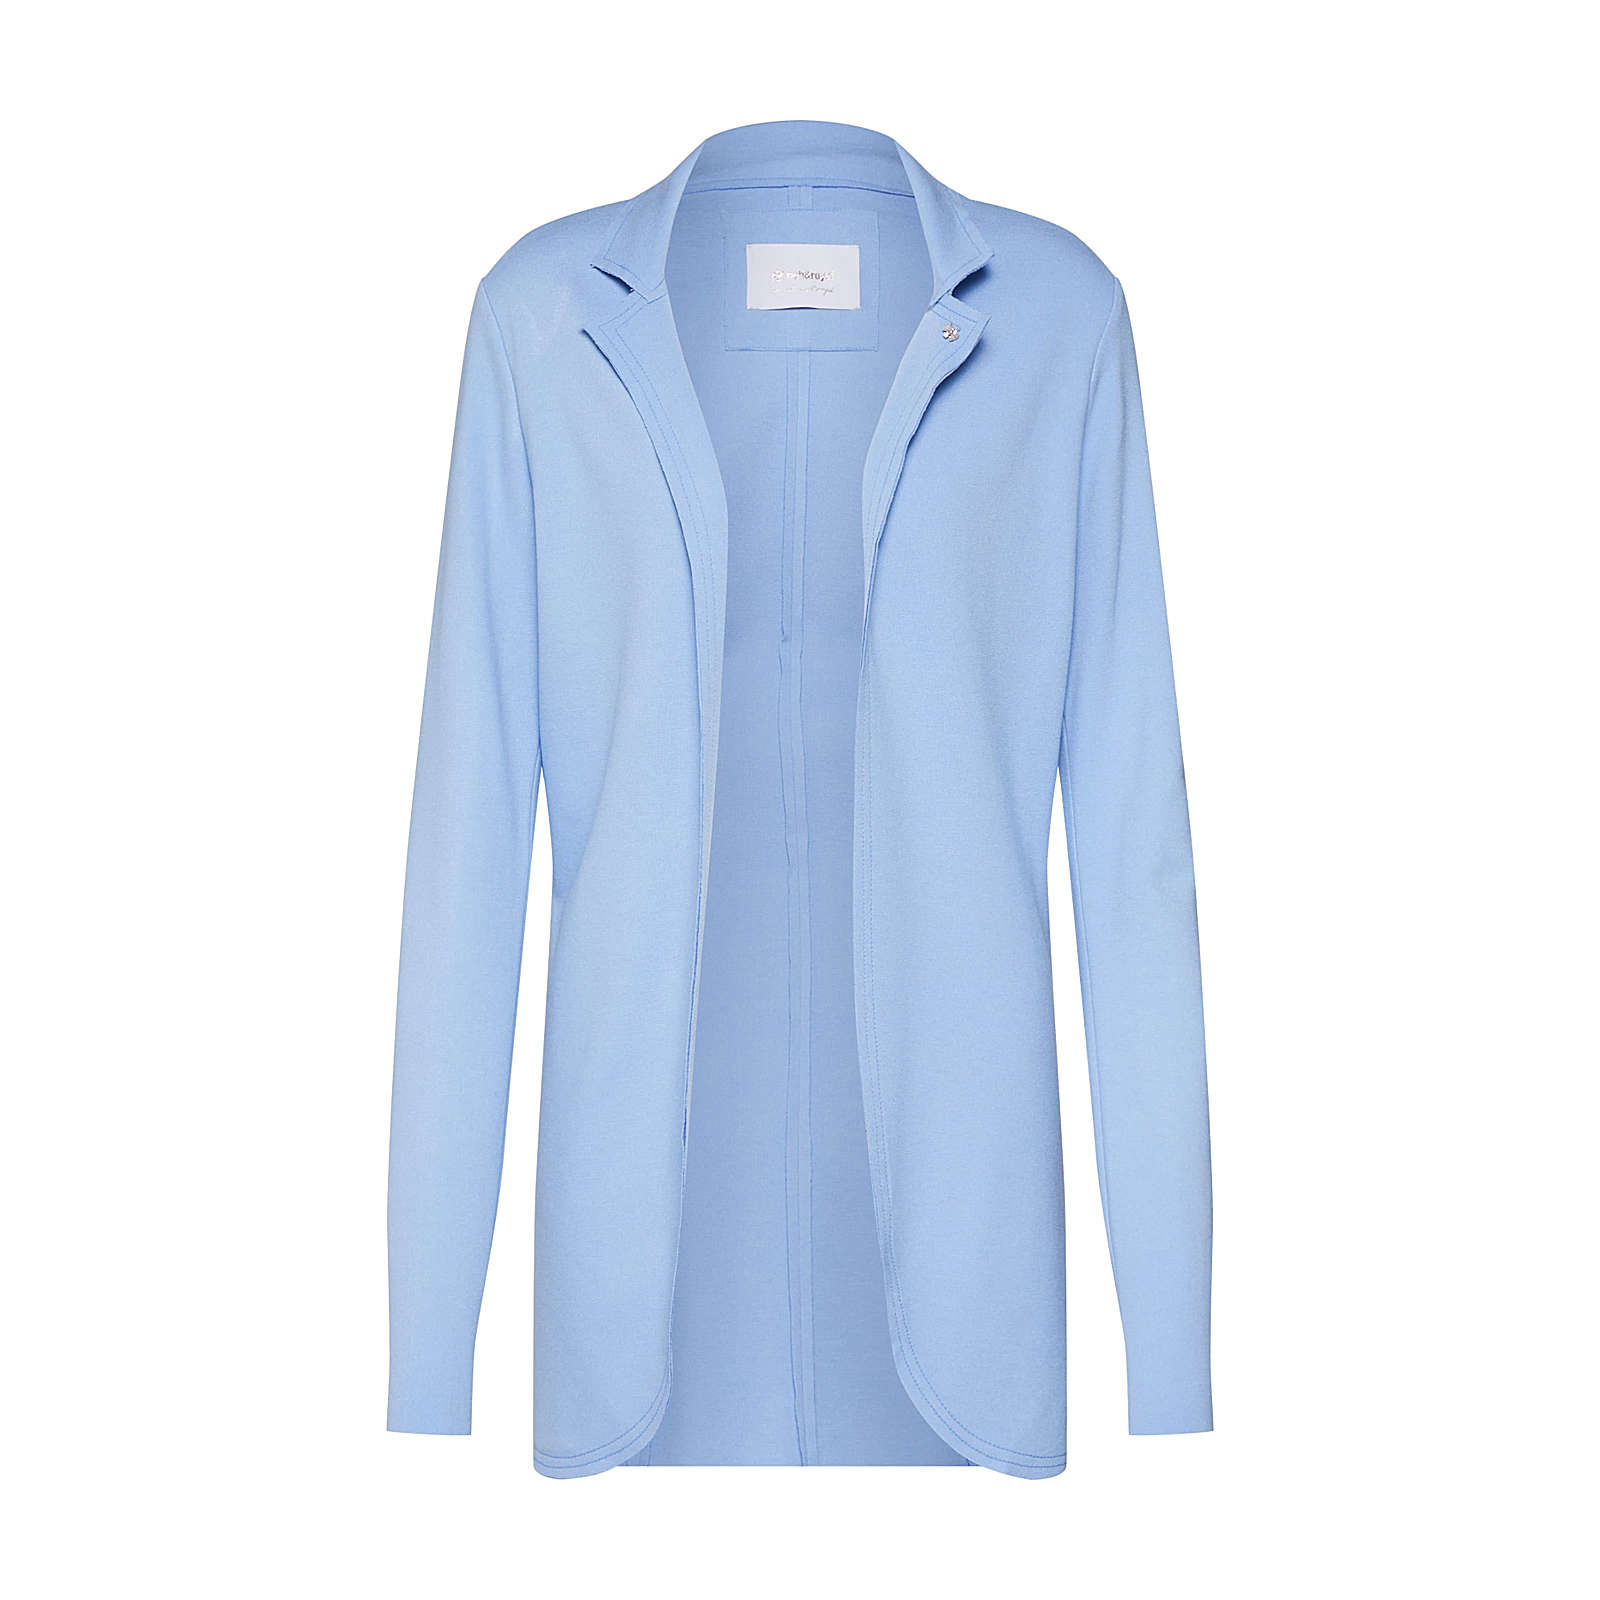 rich&royal Rich & Royal Blazer Sweat Sweatblazer hellblau Damen Gr. 40